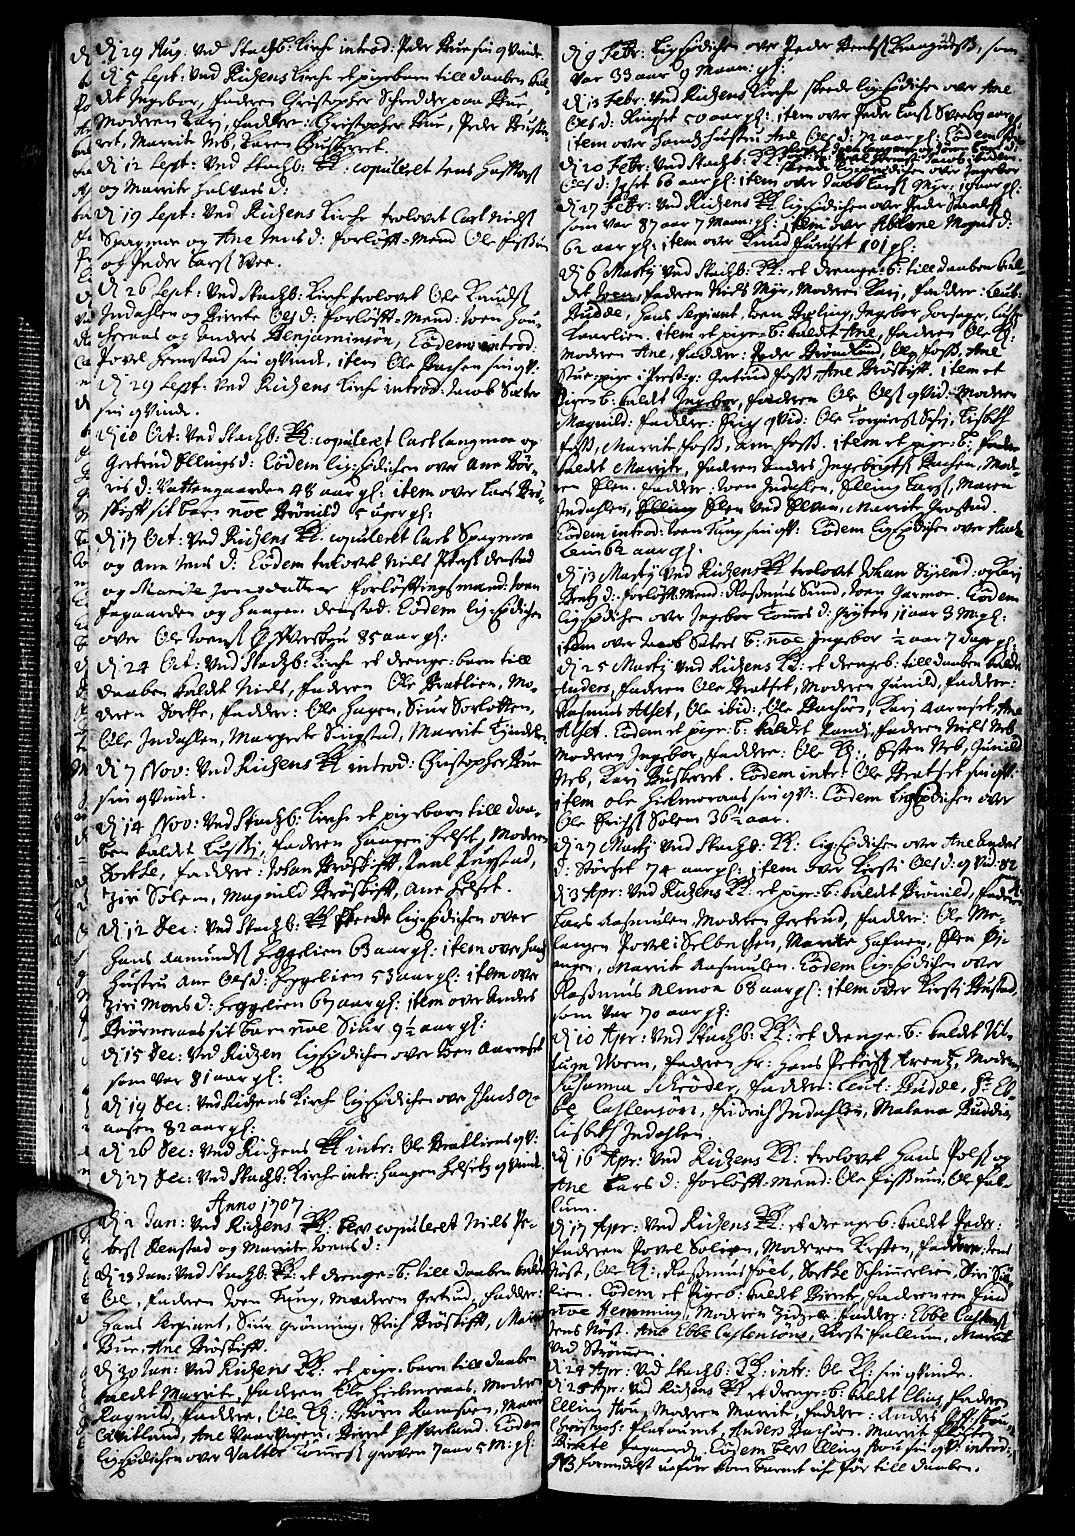 SAT, Ministerialprotokoller, klokkerbøker og fødselsregistre - Sør-Trøndelag, 646/L0603: Ministerialbok nr. 646A01, 1700-1734, s. 20